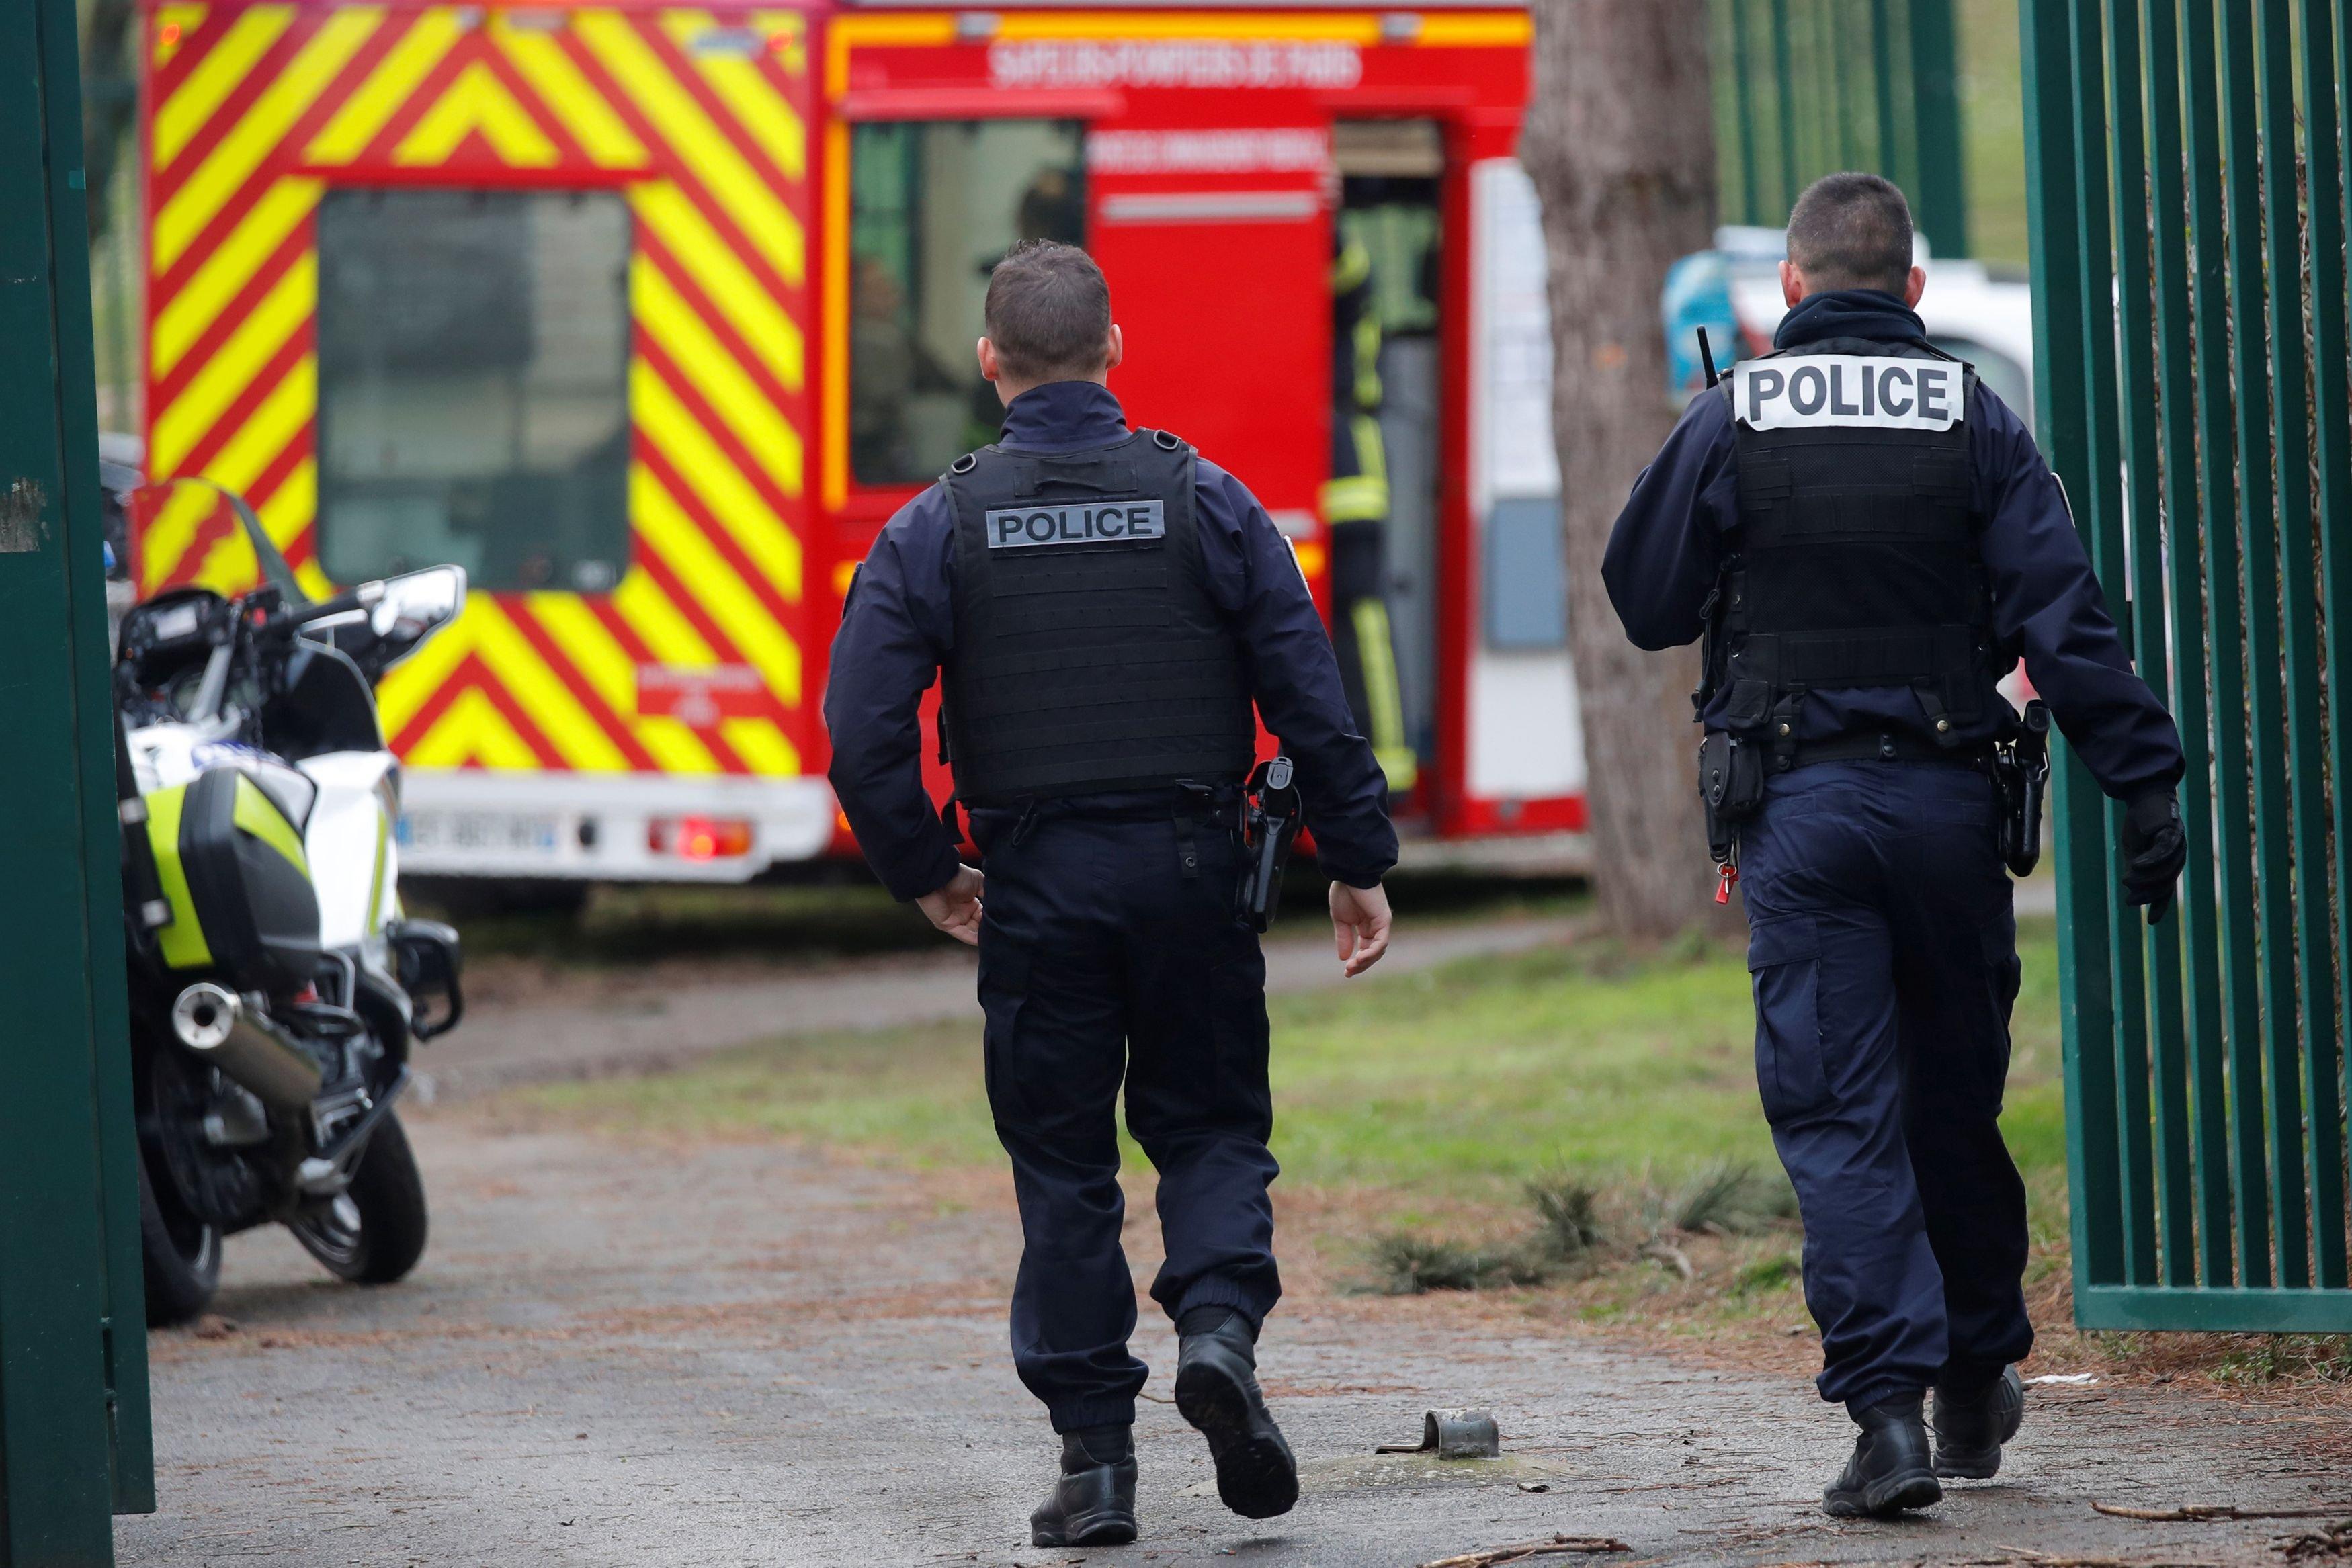 Al menos un muerto y varios heridos tras un ataque con cuchillo en un suburbio del sur de París